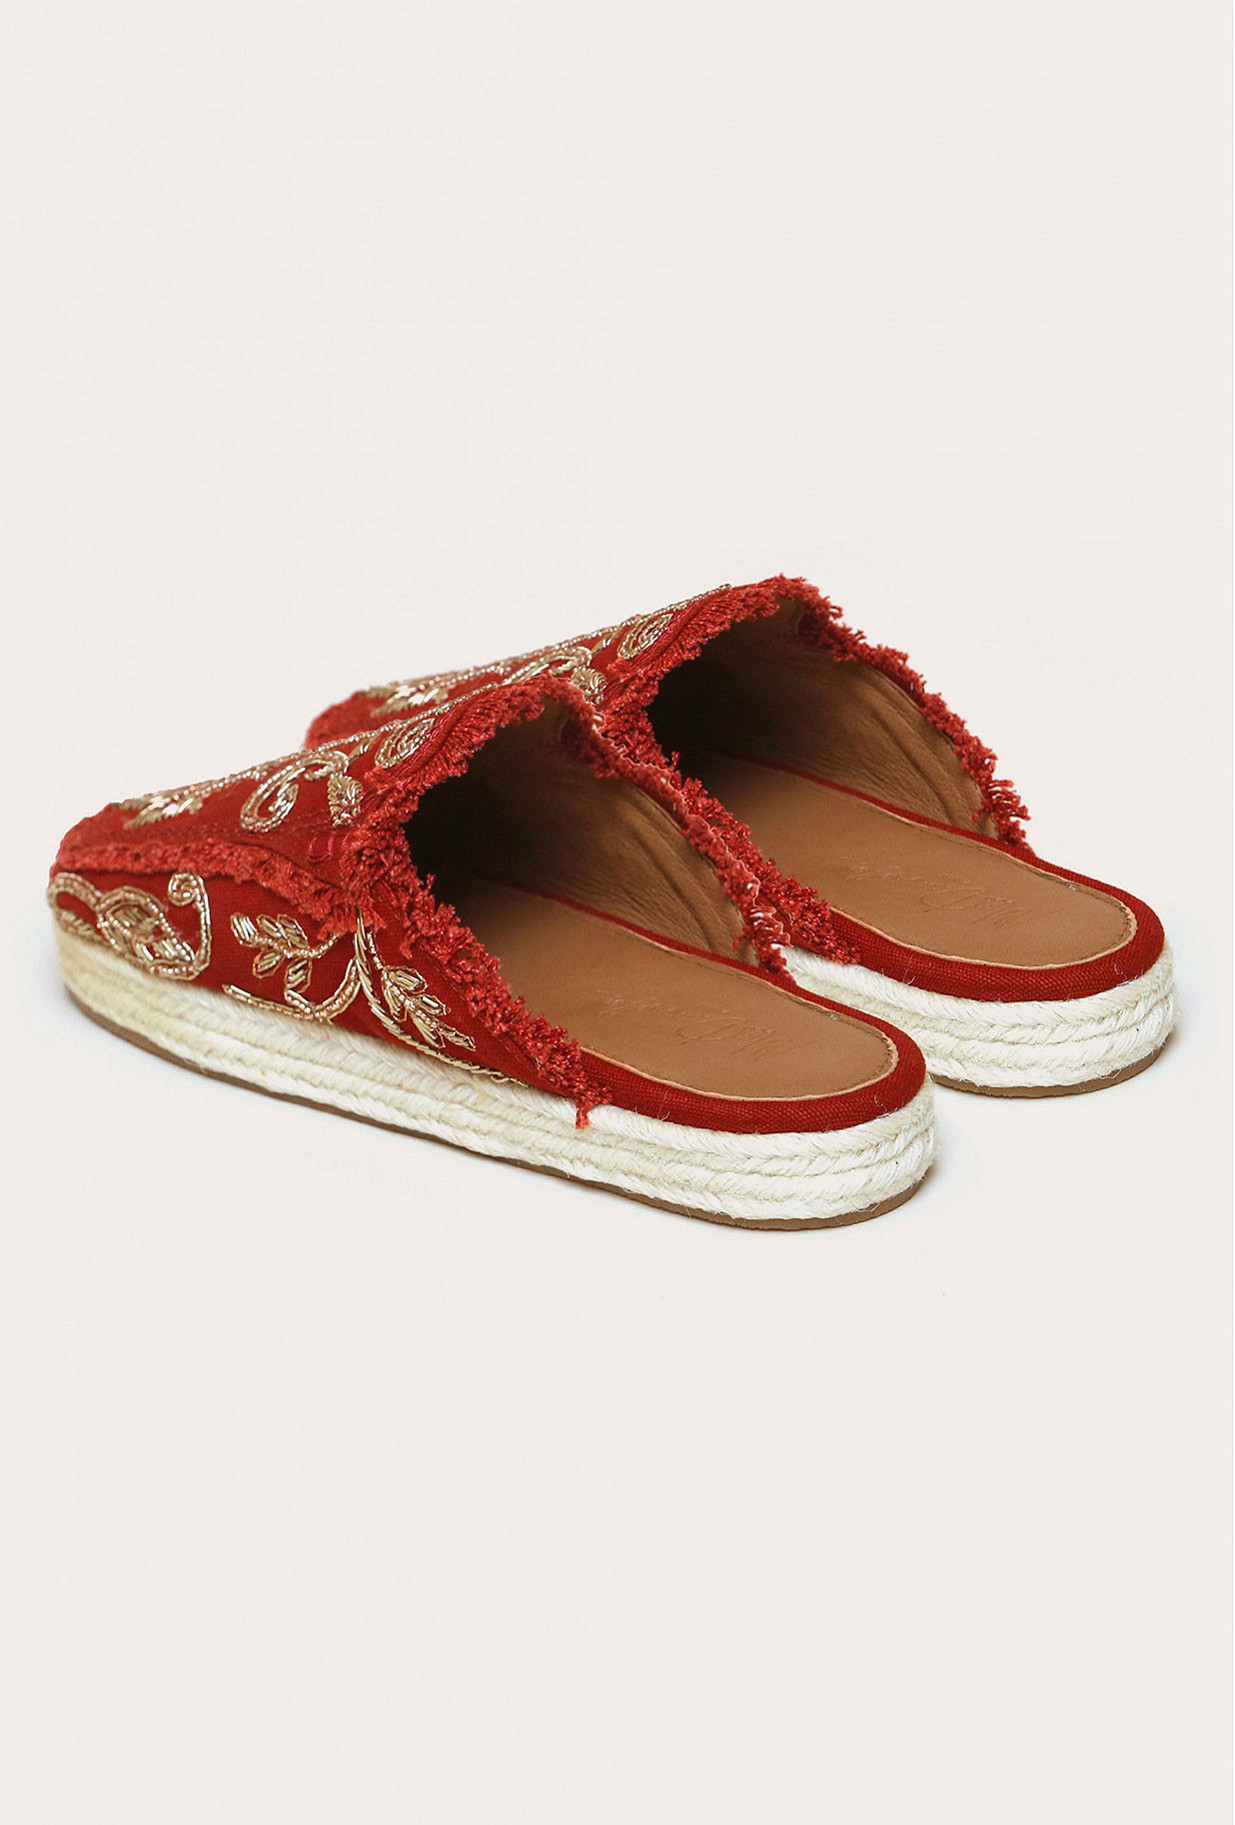 Sandales Rouge  Givseppe mes demoiselles paris vêtement femme paris